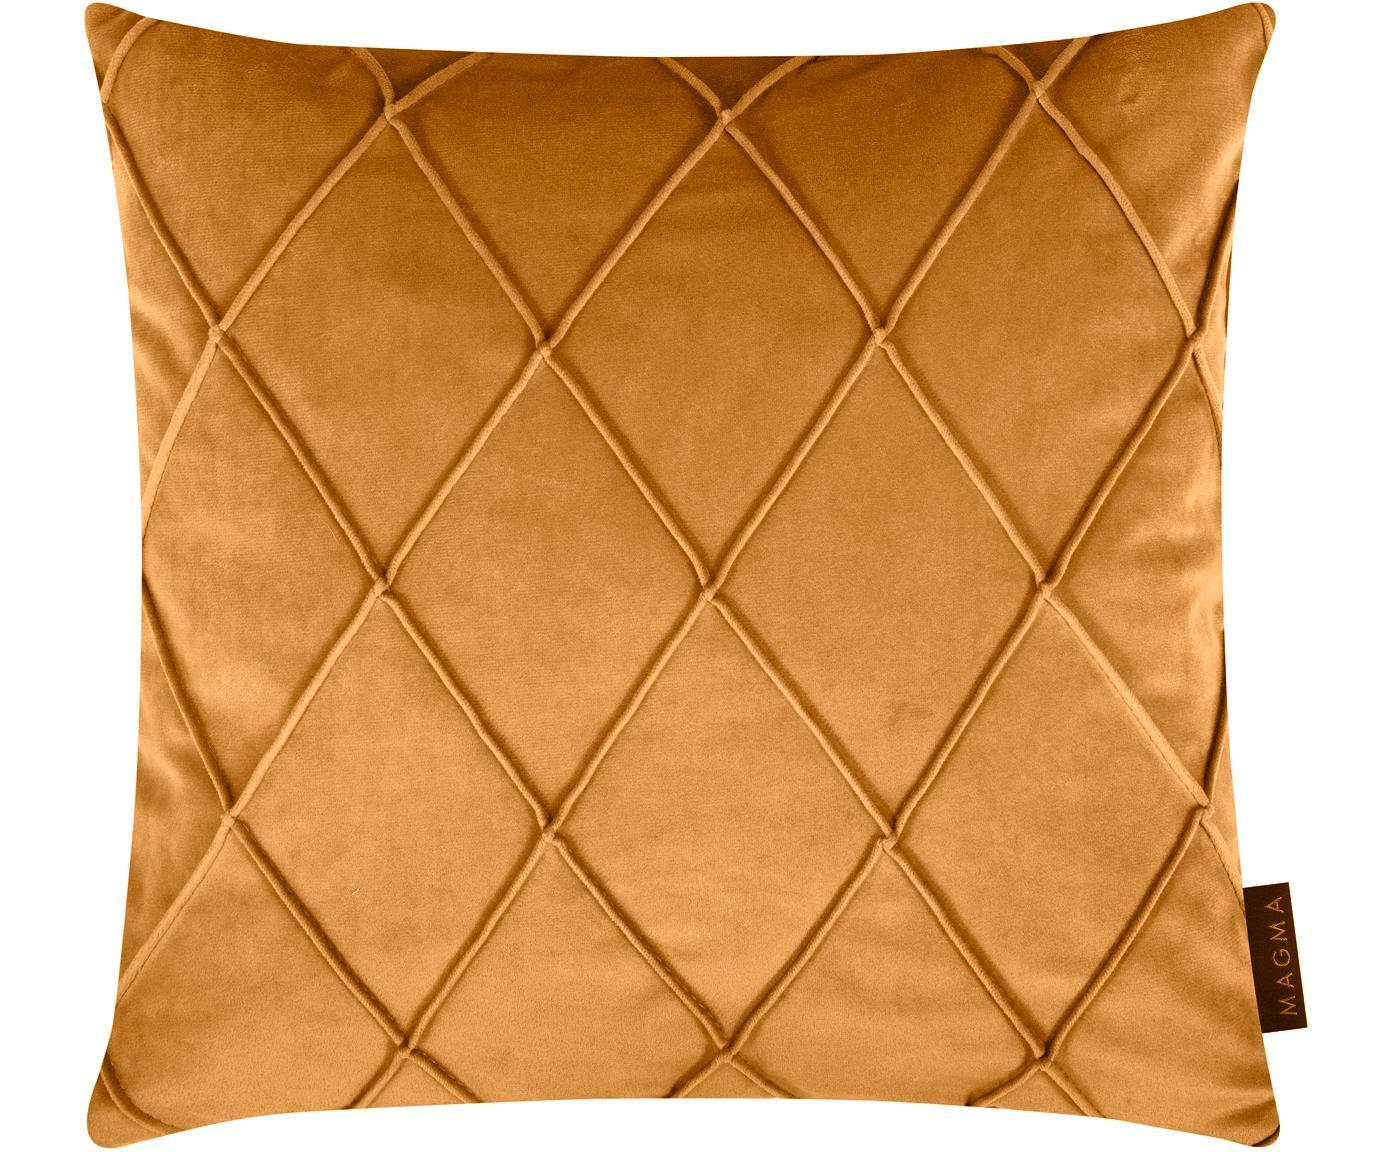 Funda de cojín de terciopelo Nobless, 100%terciopelo de poliéster, Amarillo, An 40 x L 40 cm